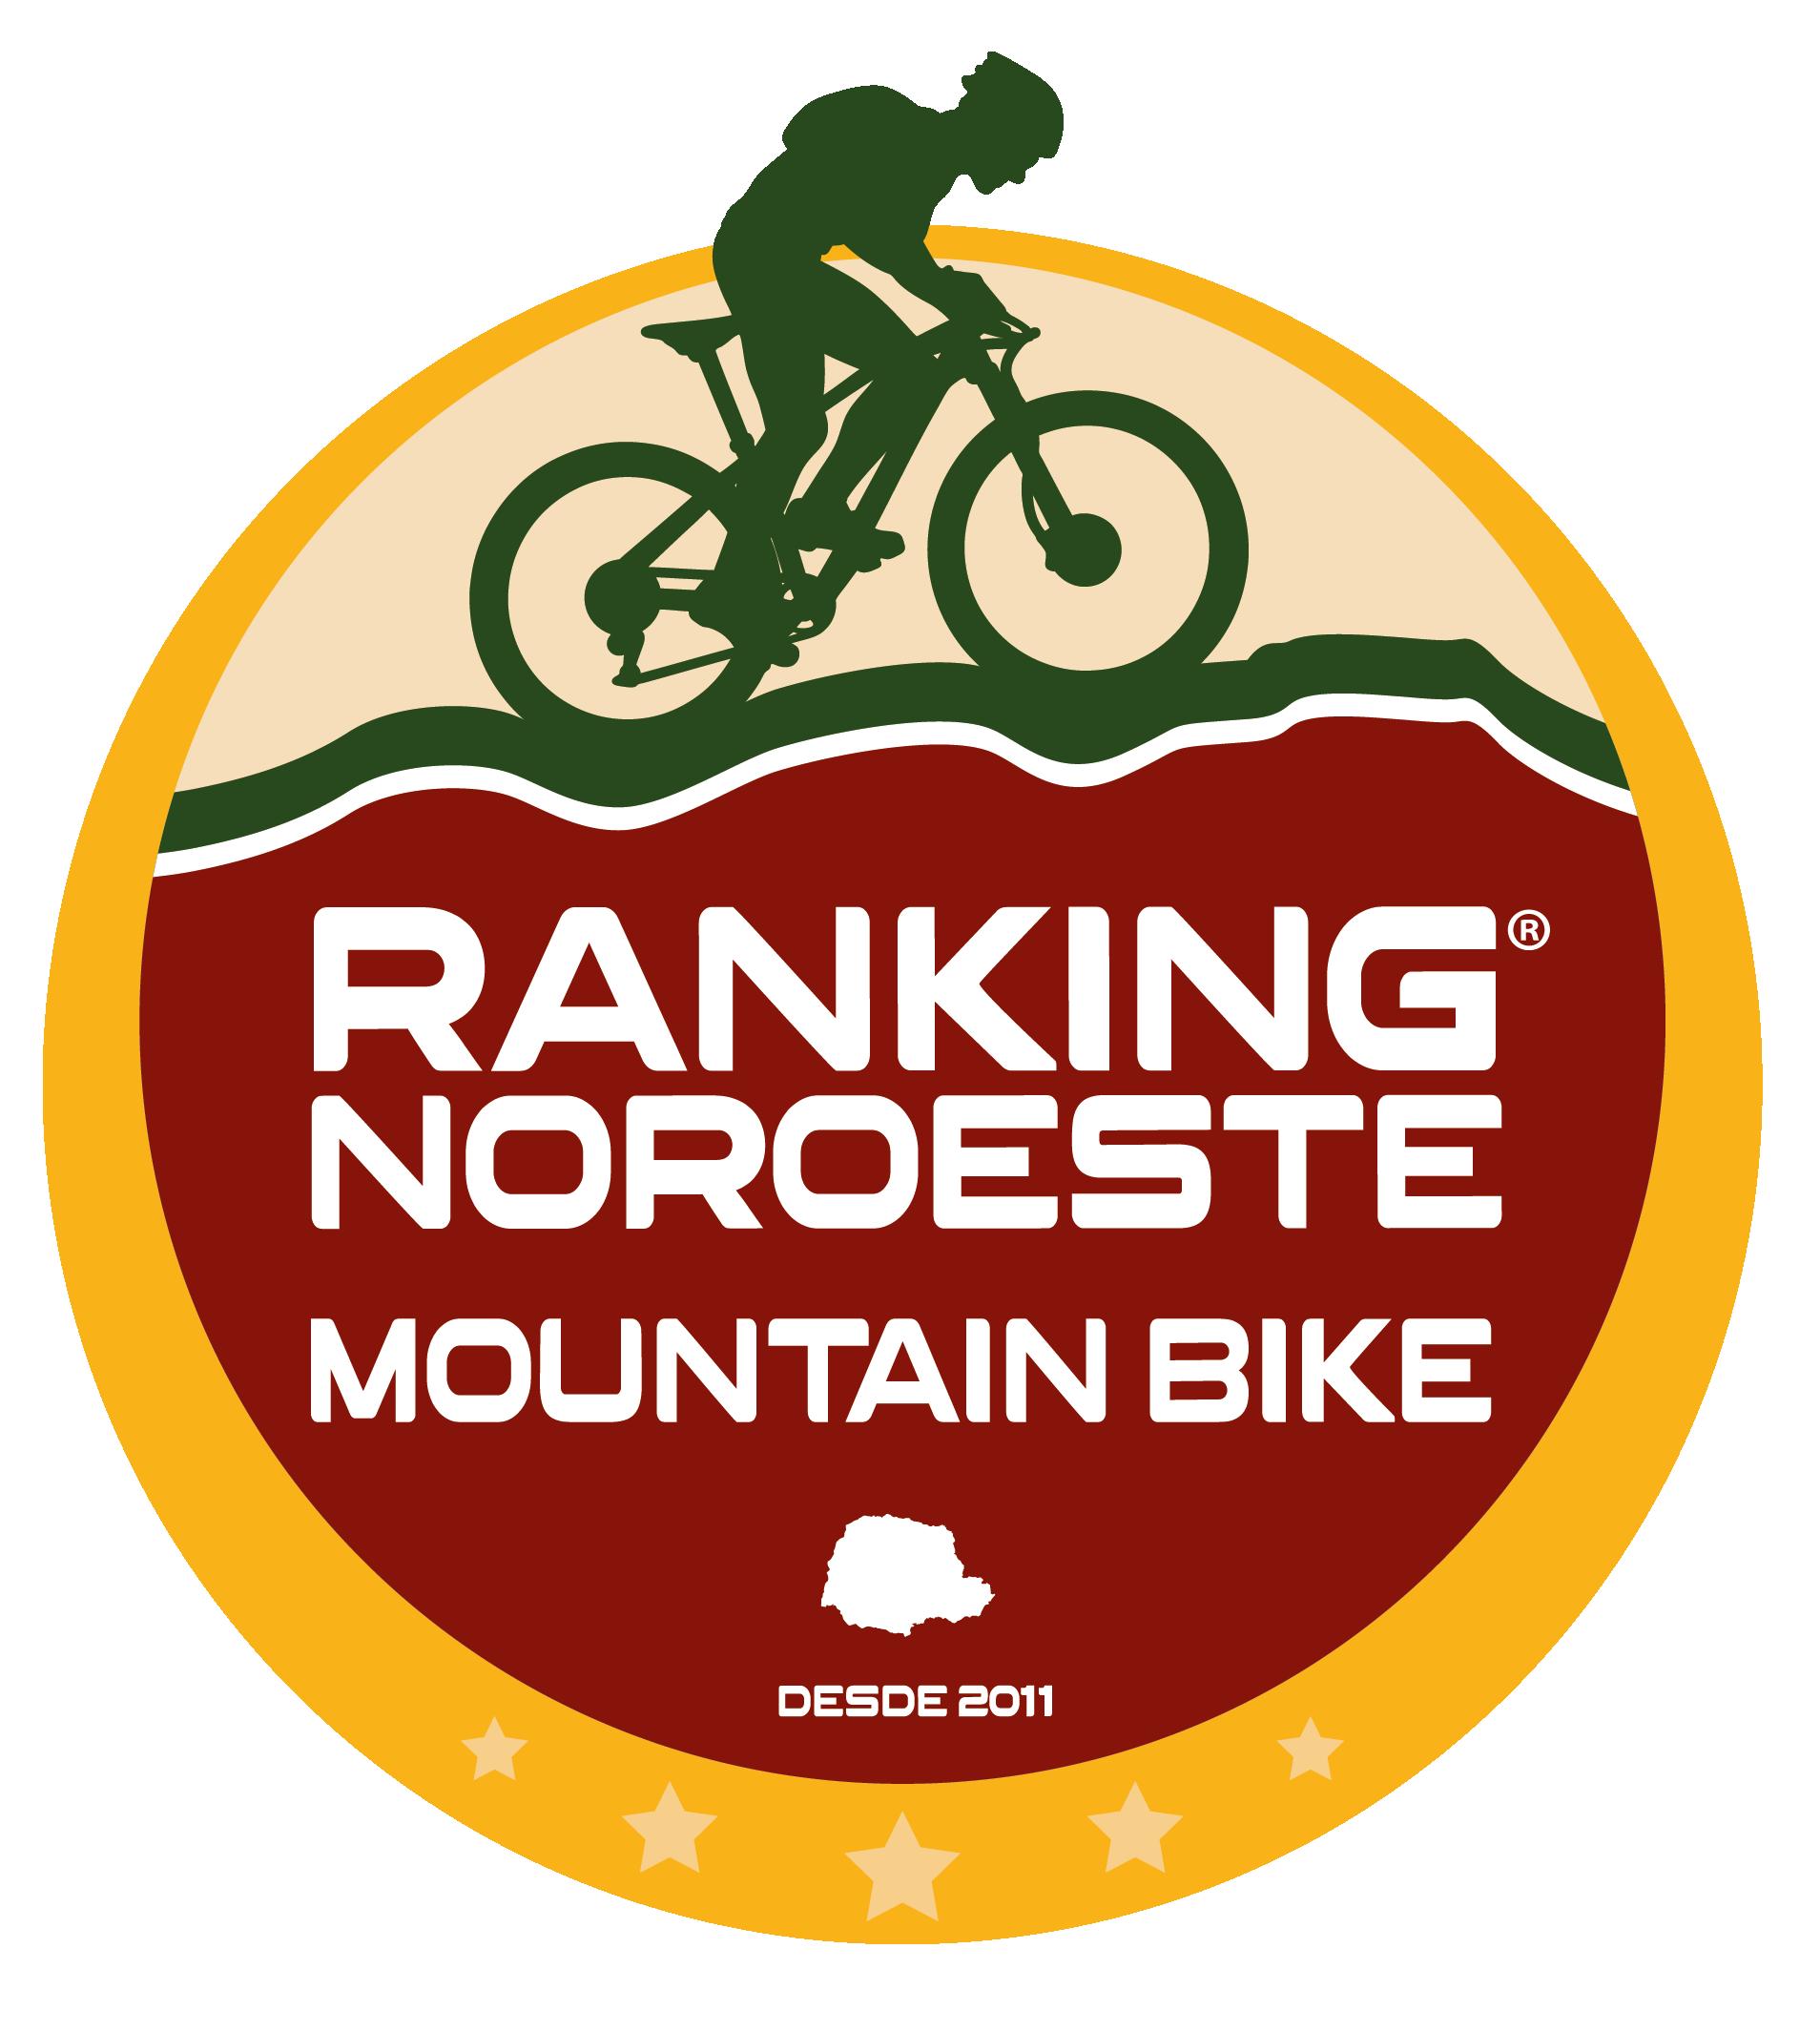 Classificação Ranking Noroeste 2020